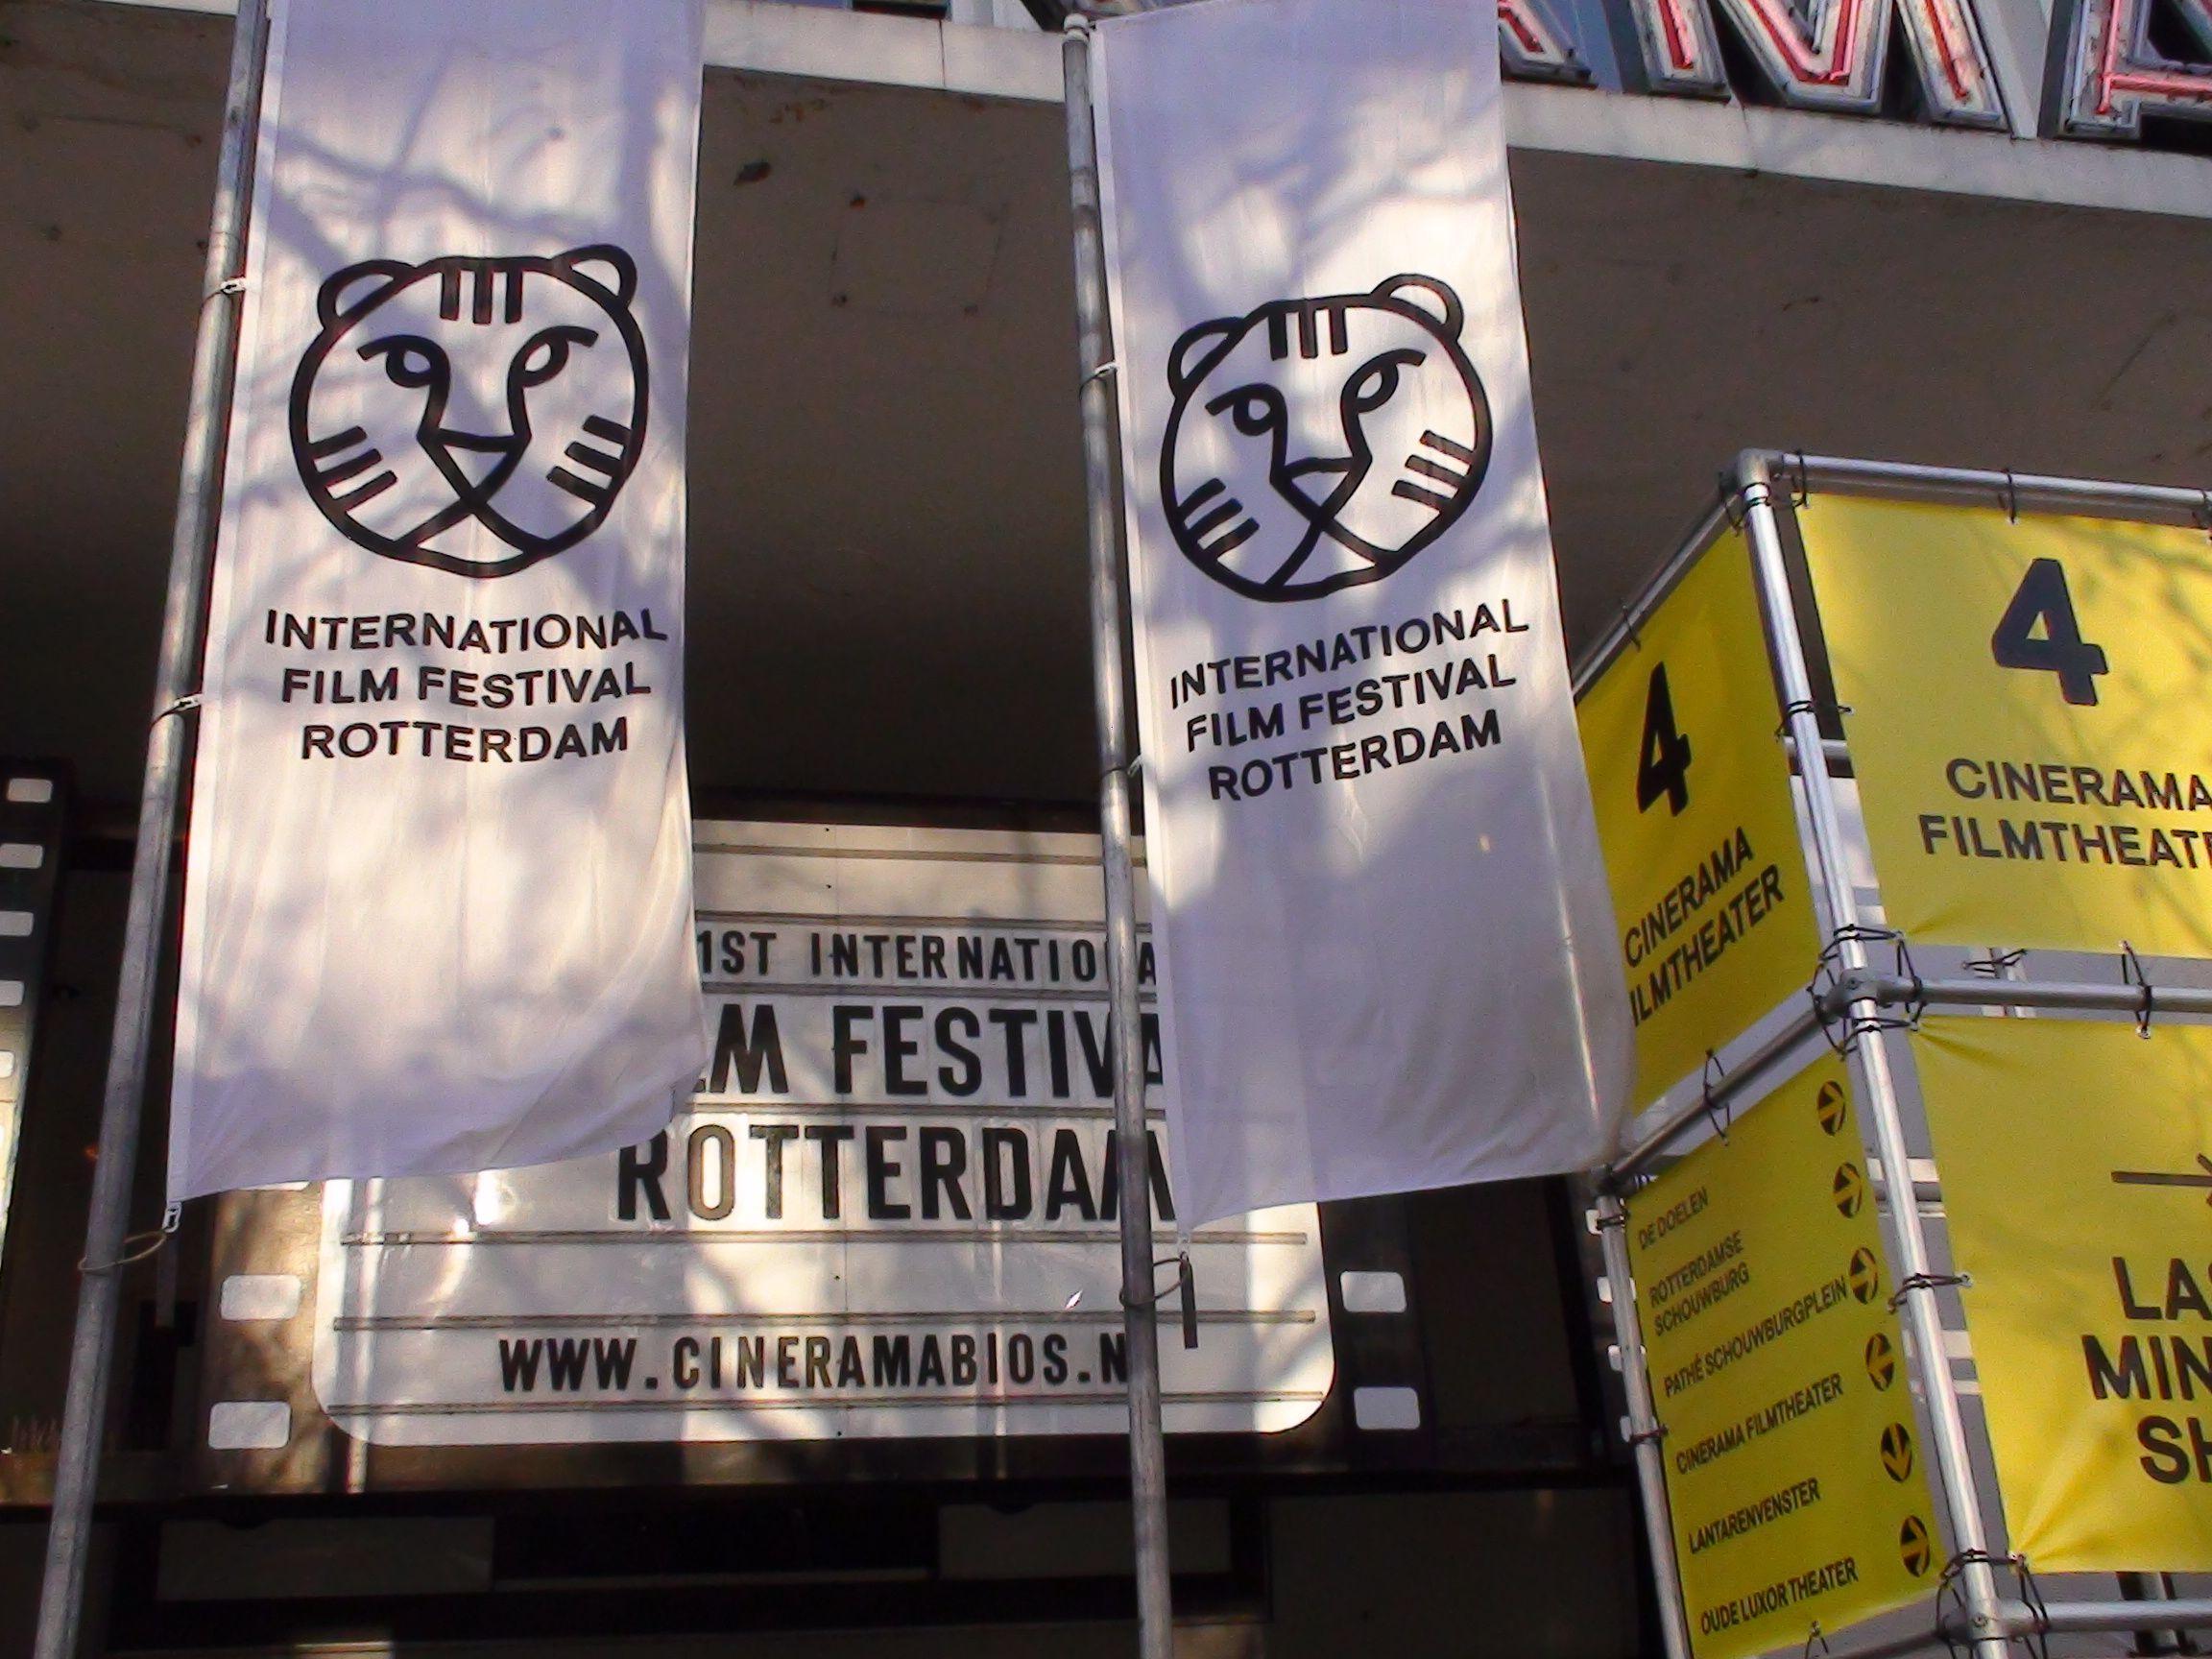 Festival places